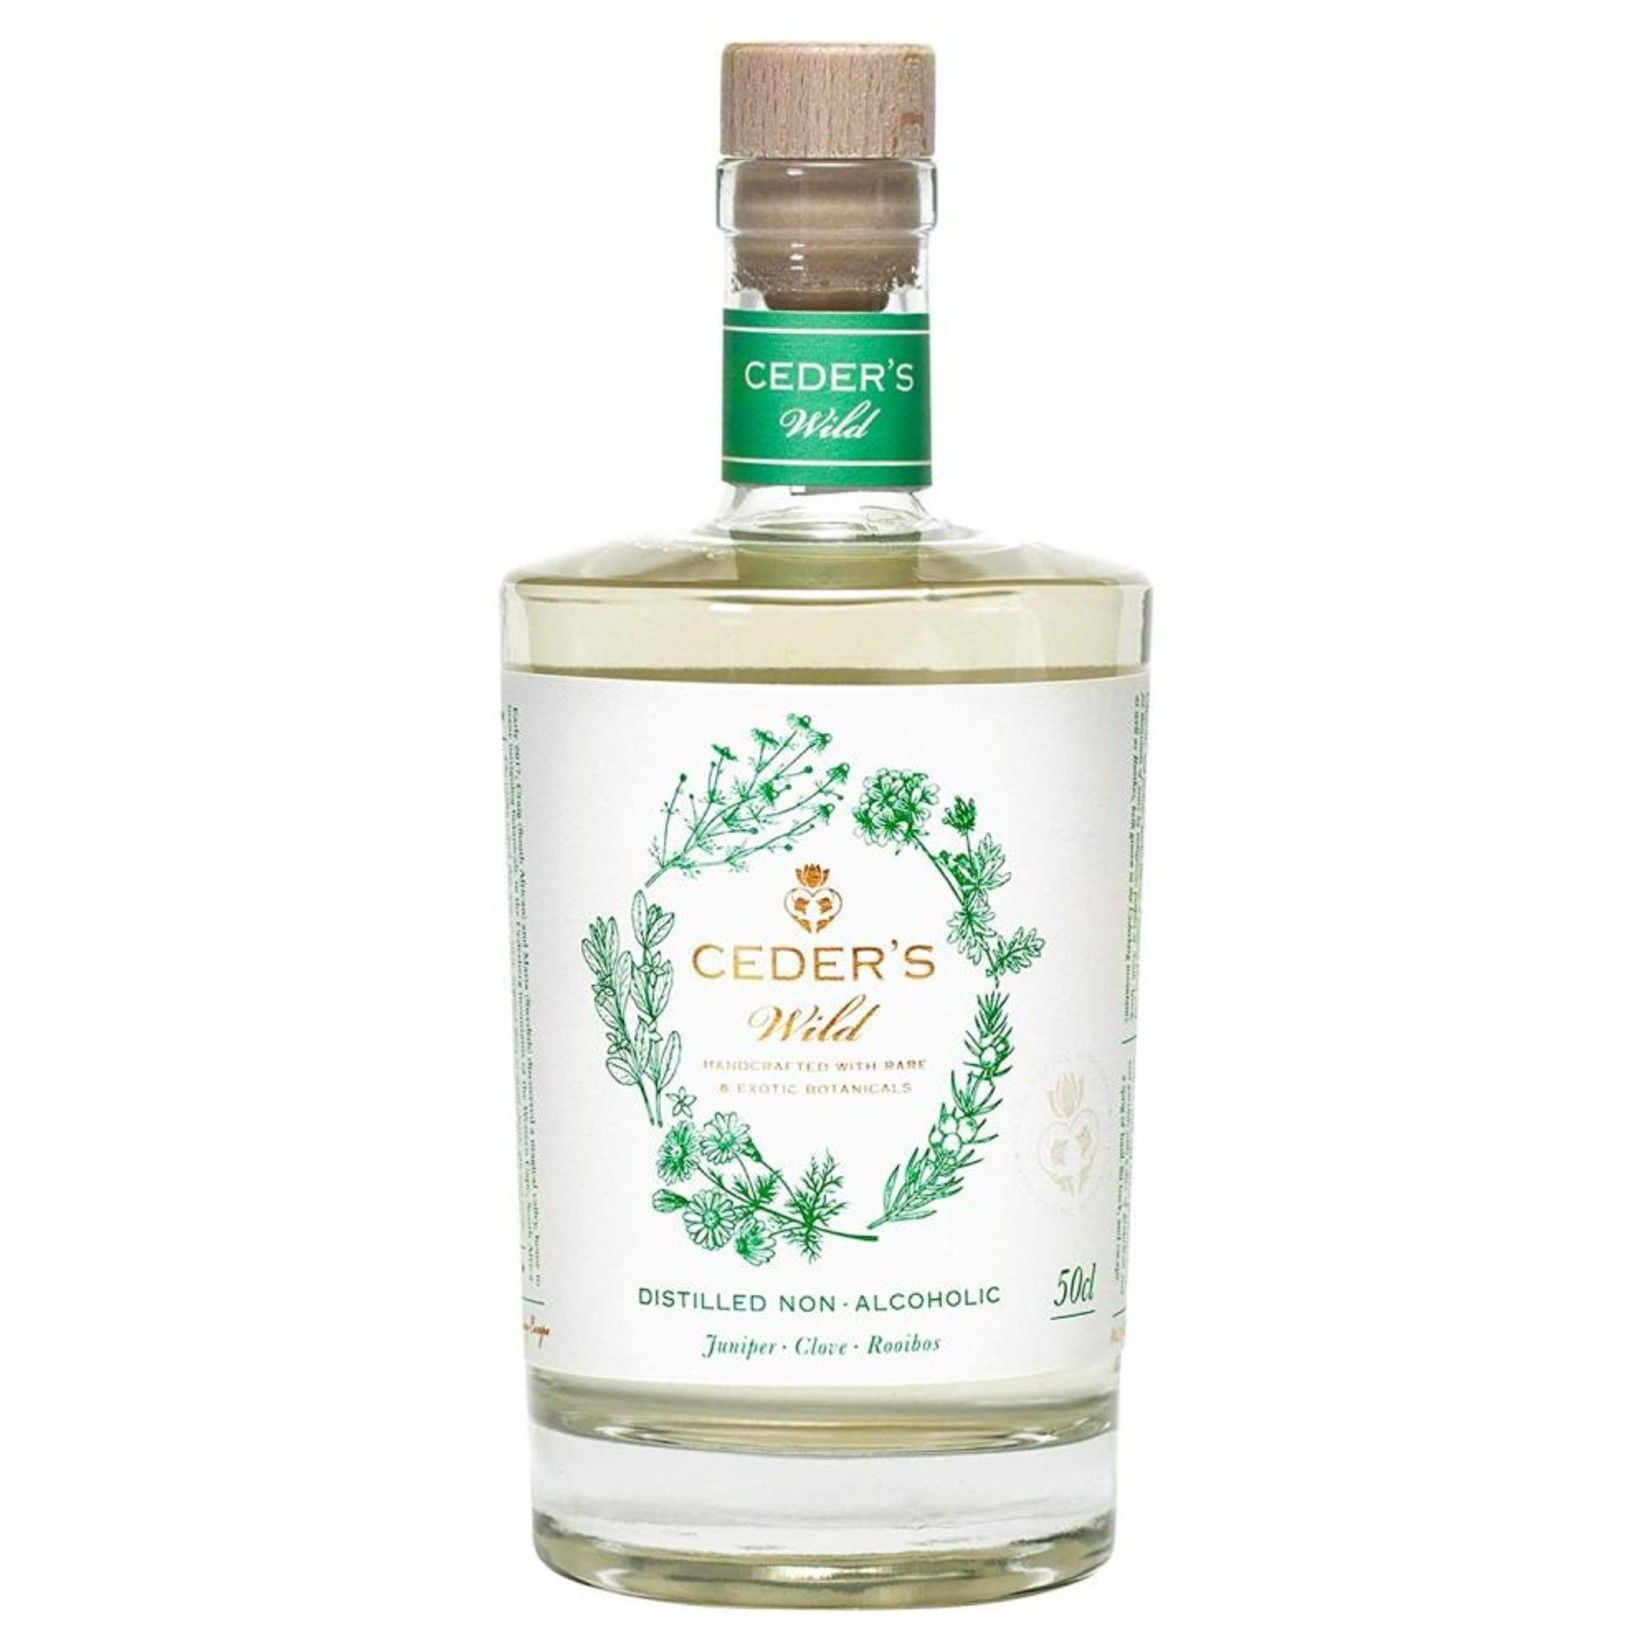 Ceder's Distilled Non- Alcoholic Spirits - Wild